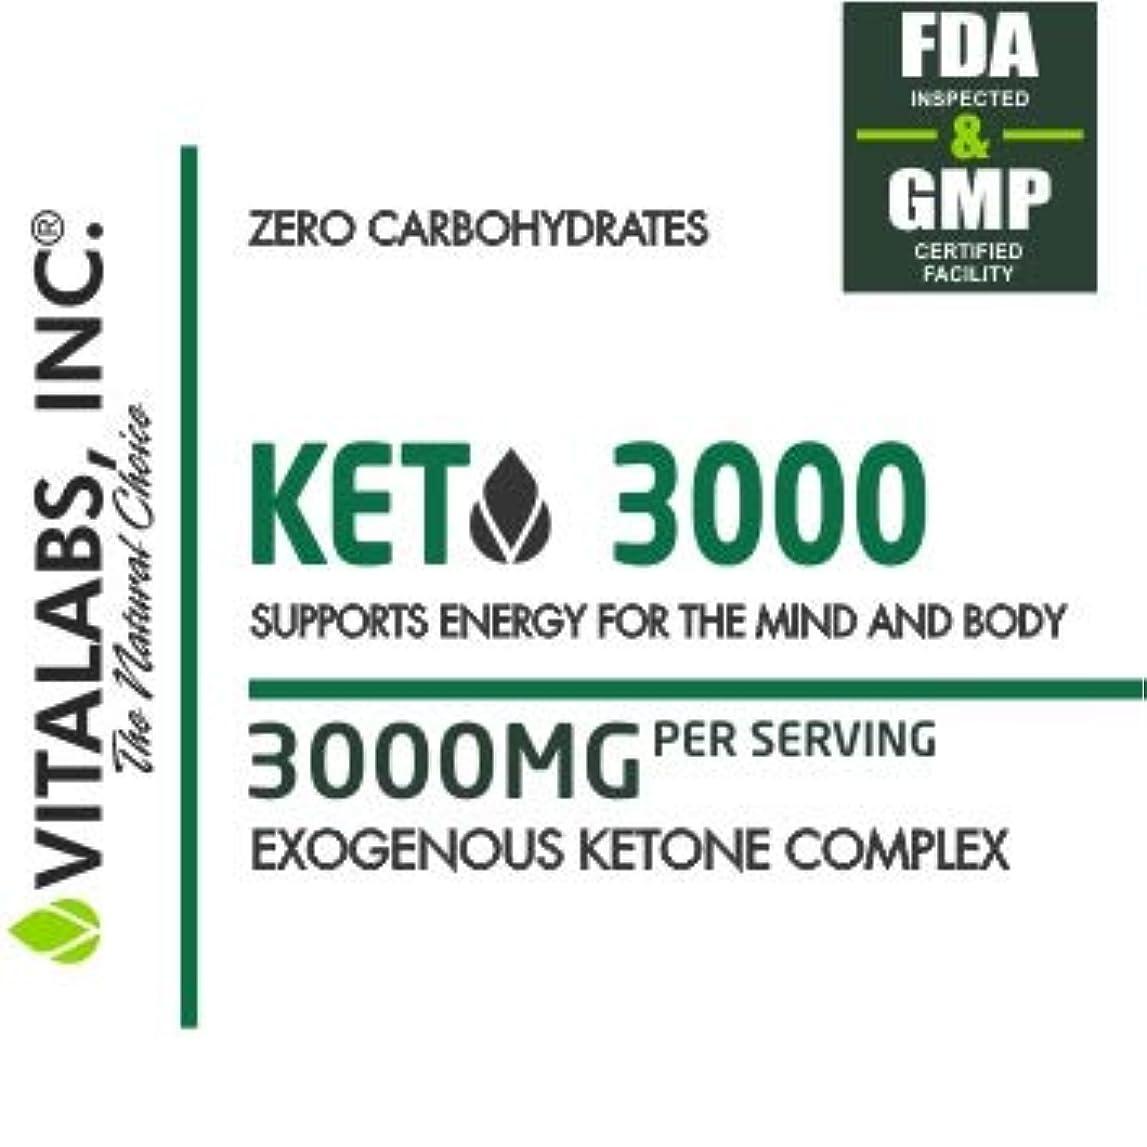 先祖入手します新着ケトジェニックダイエットサポートサプリメント KETO 3000/ Vitalabs 【アメリカより直送】 (120カプセル)